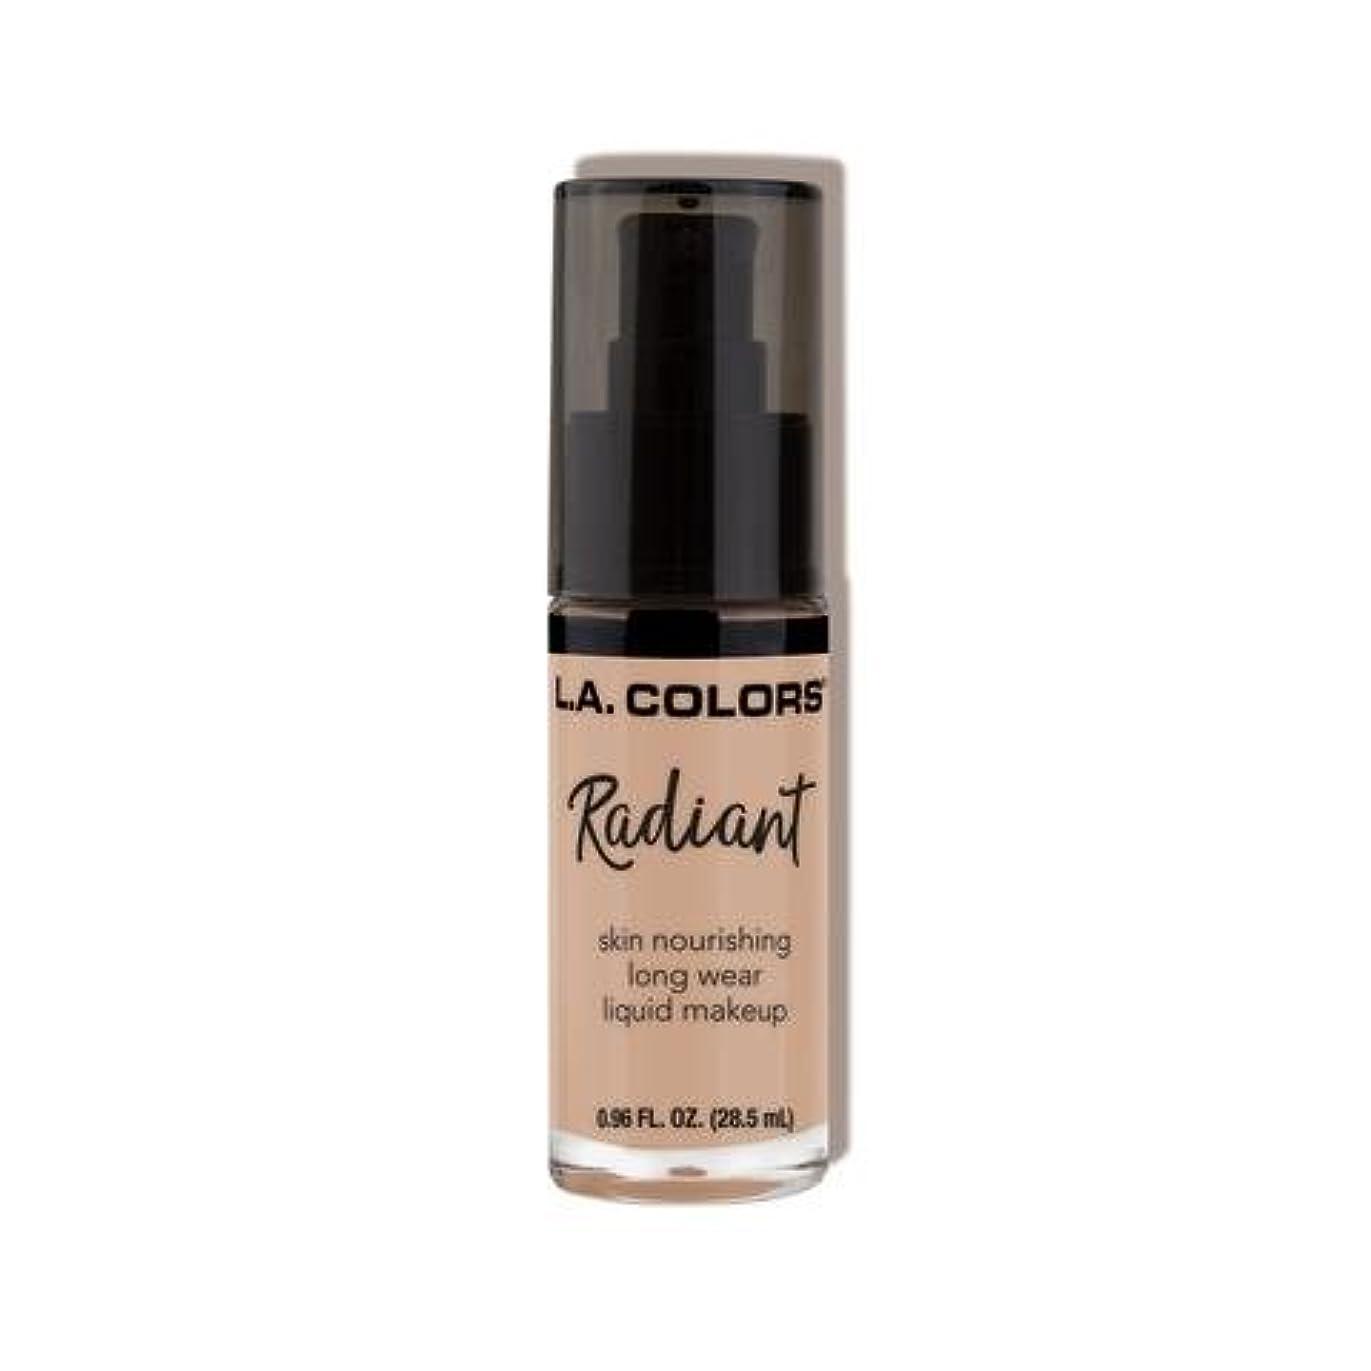 密度間違っている勇敢な(3 Pack) L.A. COLORS Radiant Liquid Makeup - Beige (並行輸入品)